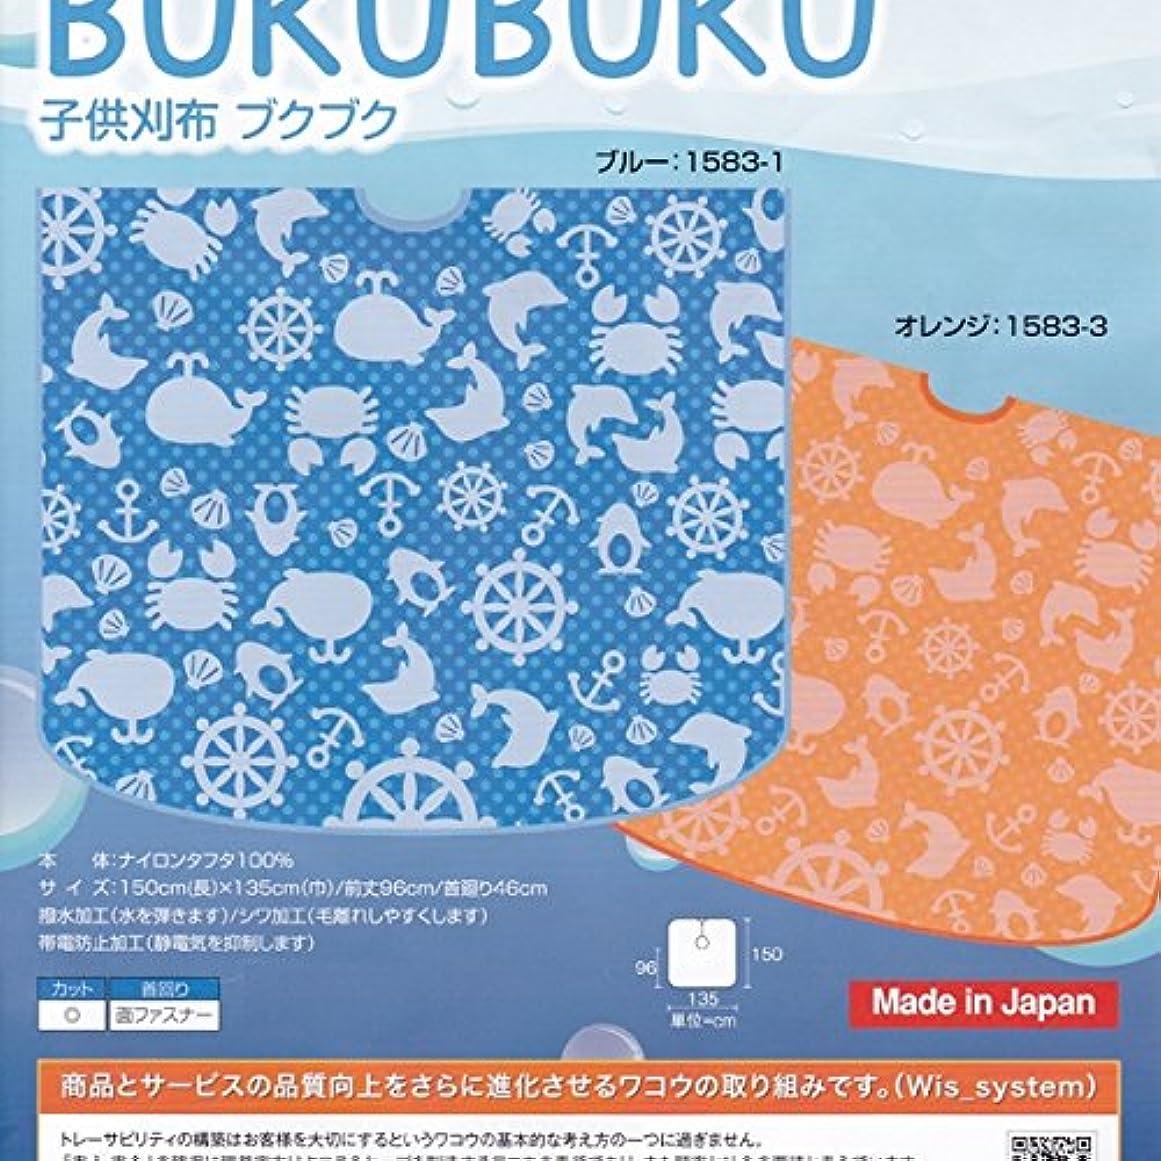 ヒロイントーストカイウスワコウ 子供苅布 BUKUBUKU No.1583 マジックタイプ ブルー